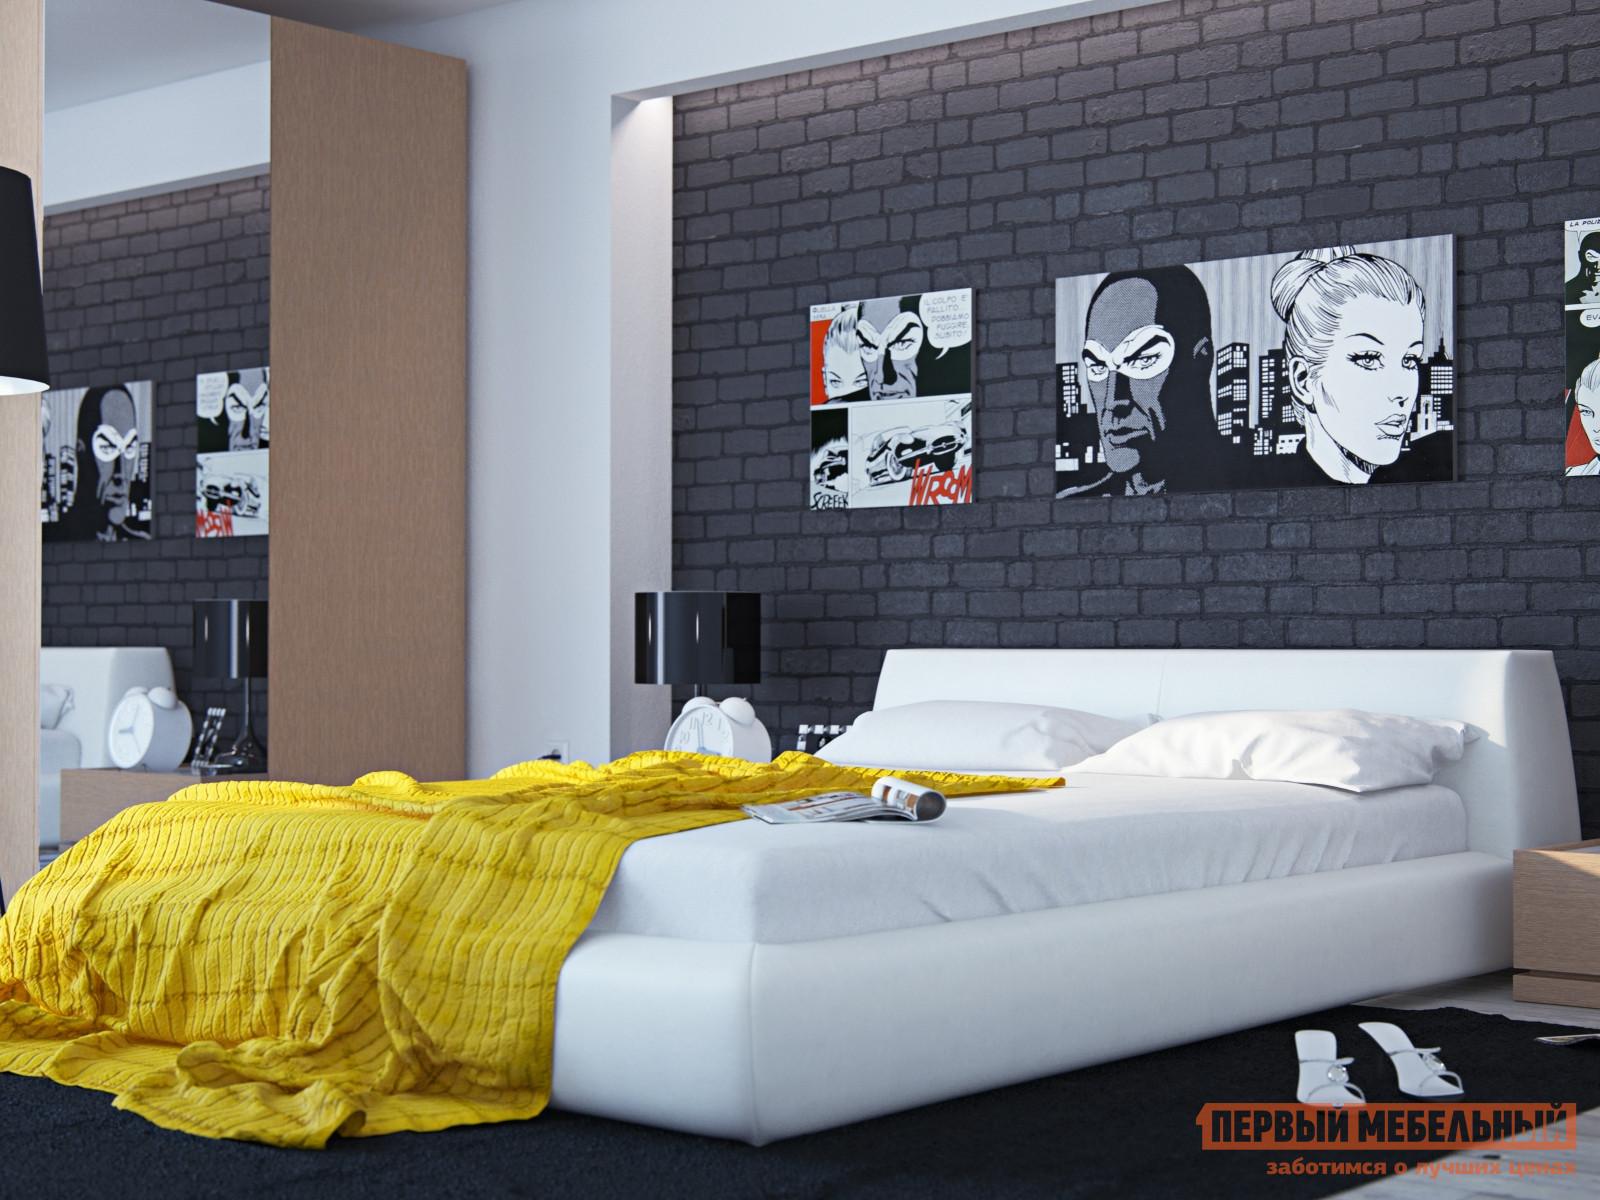 Двуспальная кровать ОГОГО Обстановочка! Vatta (ВКД-M 1600) 13922 3922